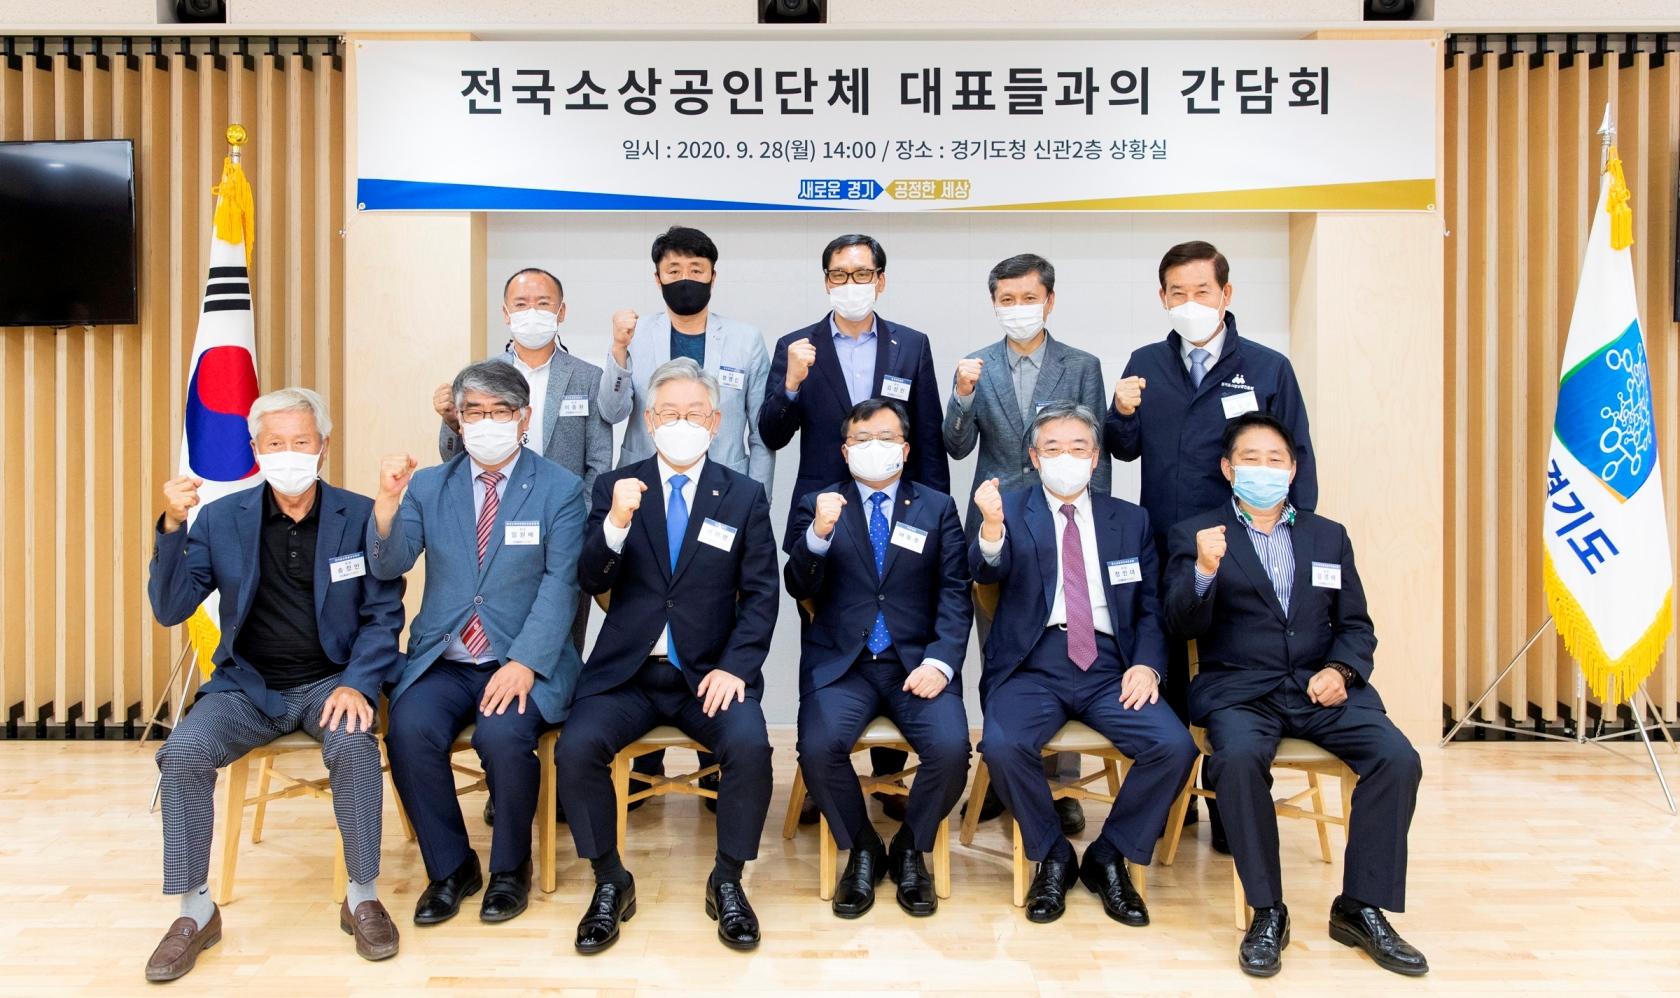 전국 소상공인 대표들 만난 이재명, 우리경제 살리기 핵심 열쇠 '억강부약' 강조